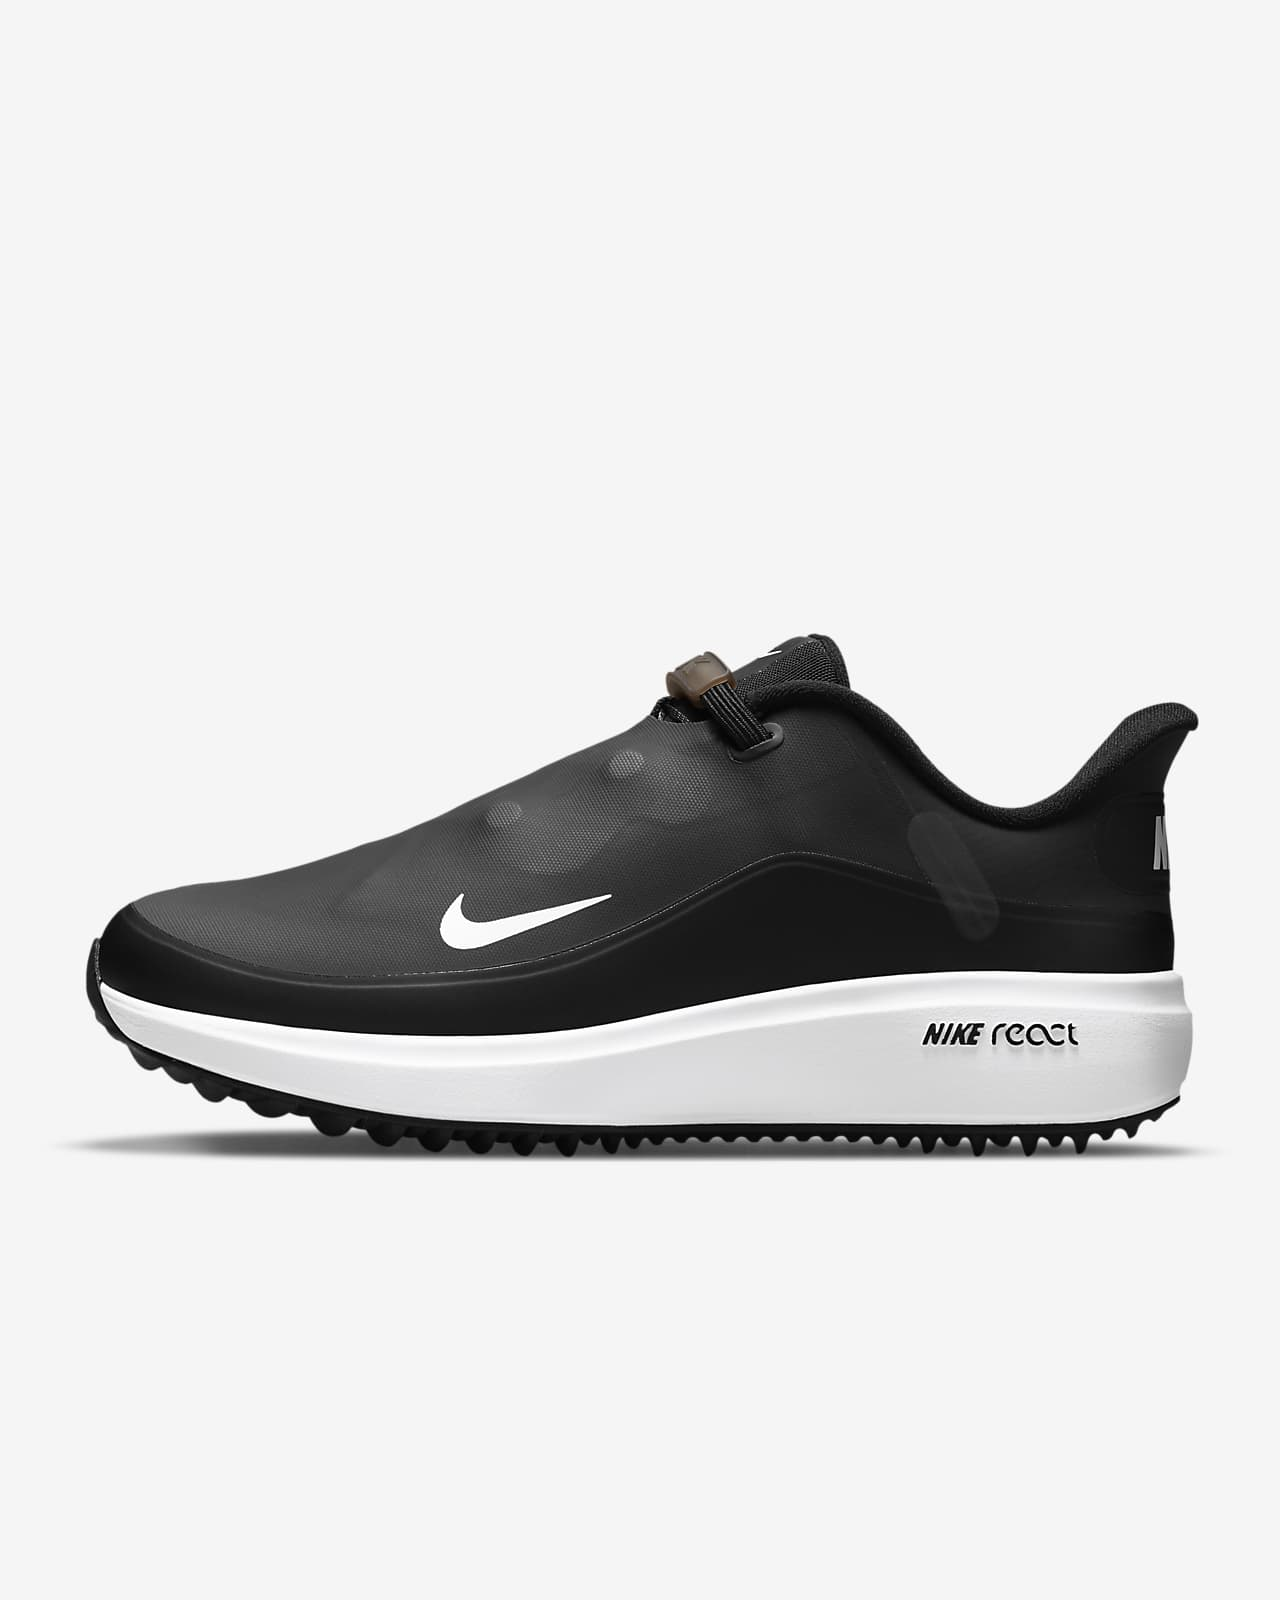 Nike React Ace Tour Women's Golf Shoe